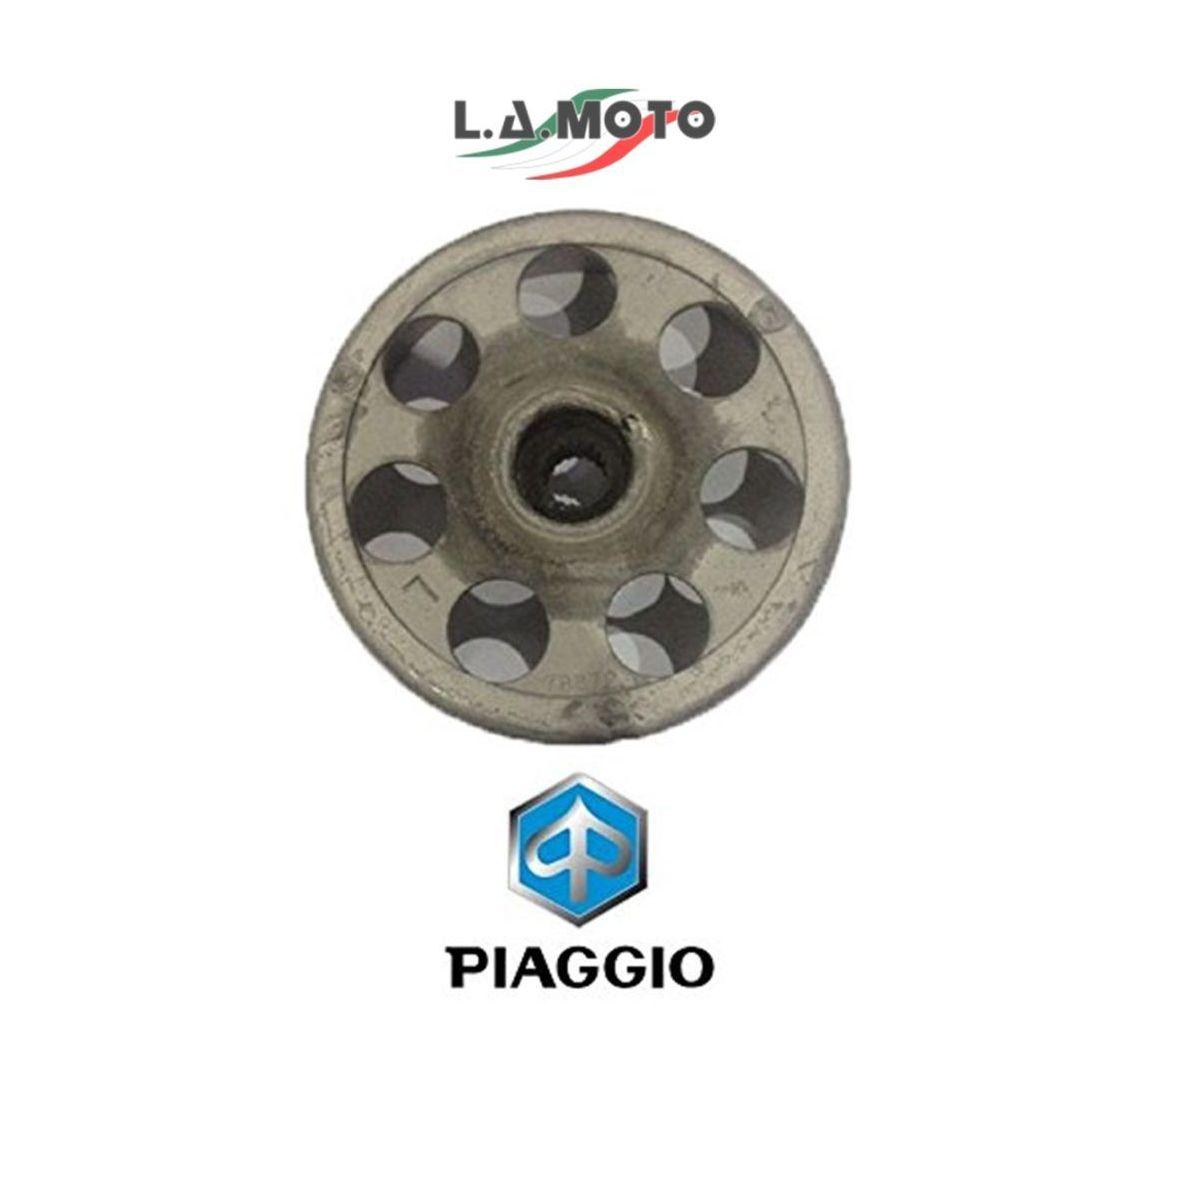 Campana frizione originale Piaggio cod.431640